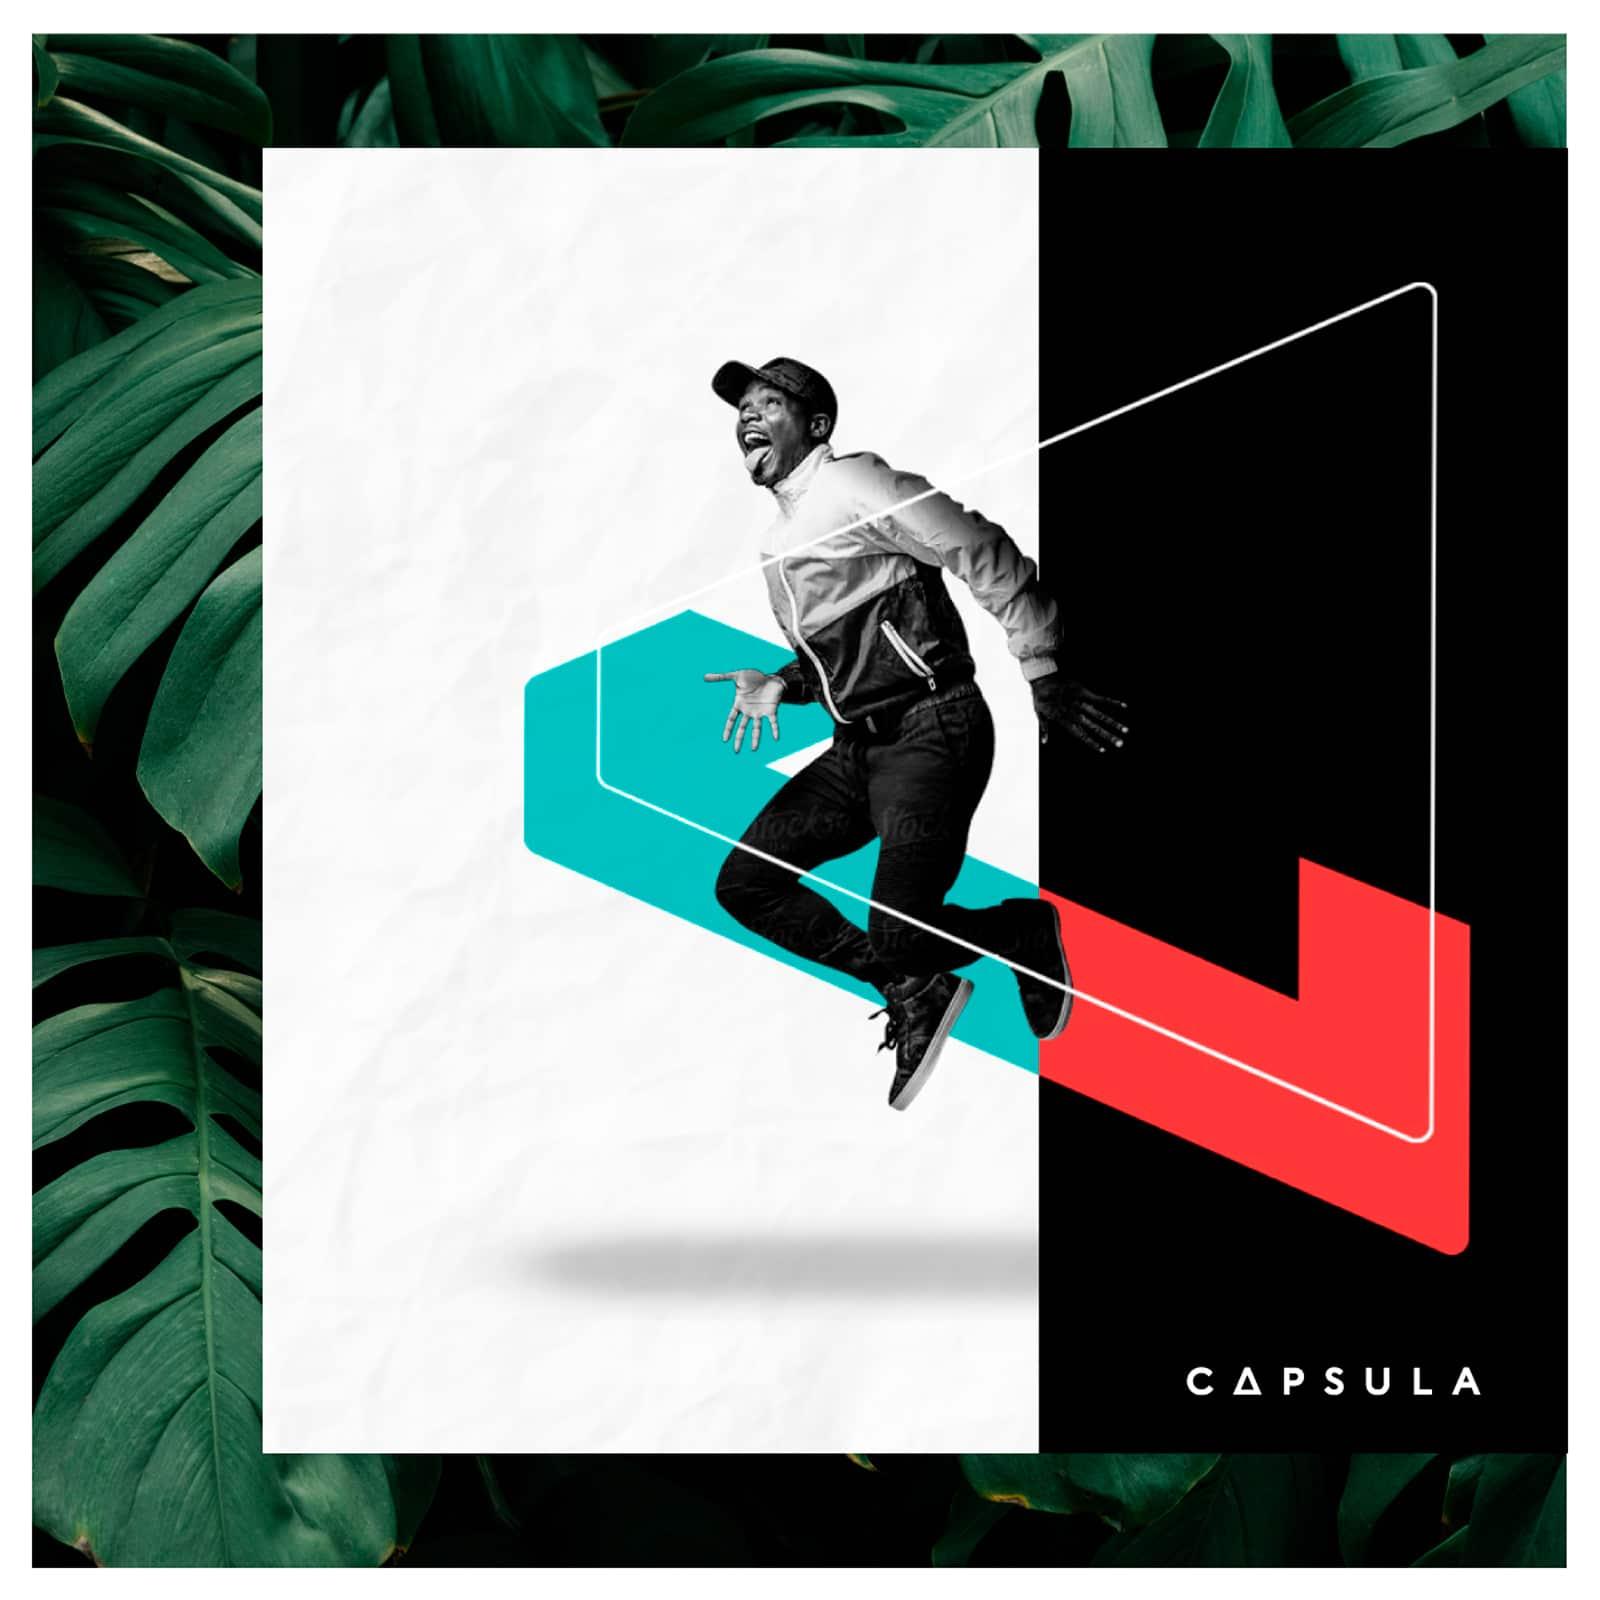 grafia-capsula2